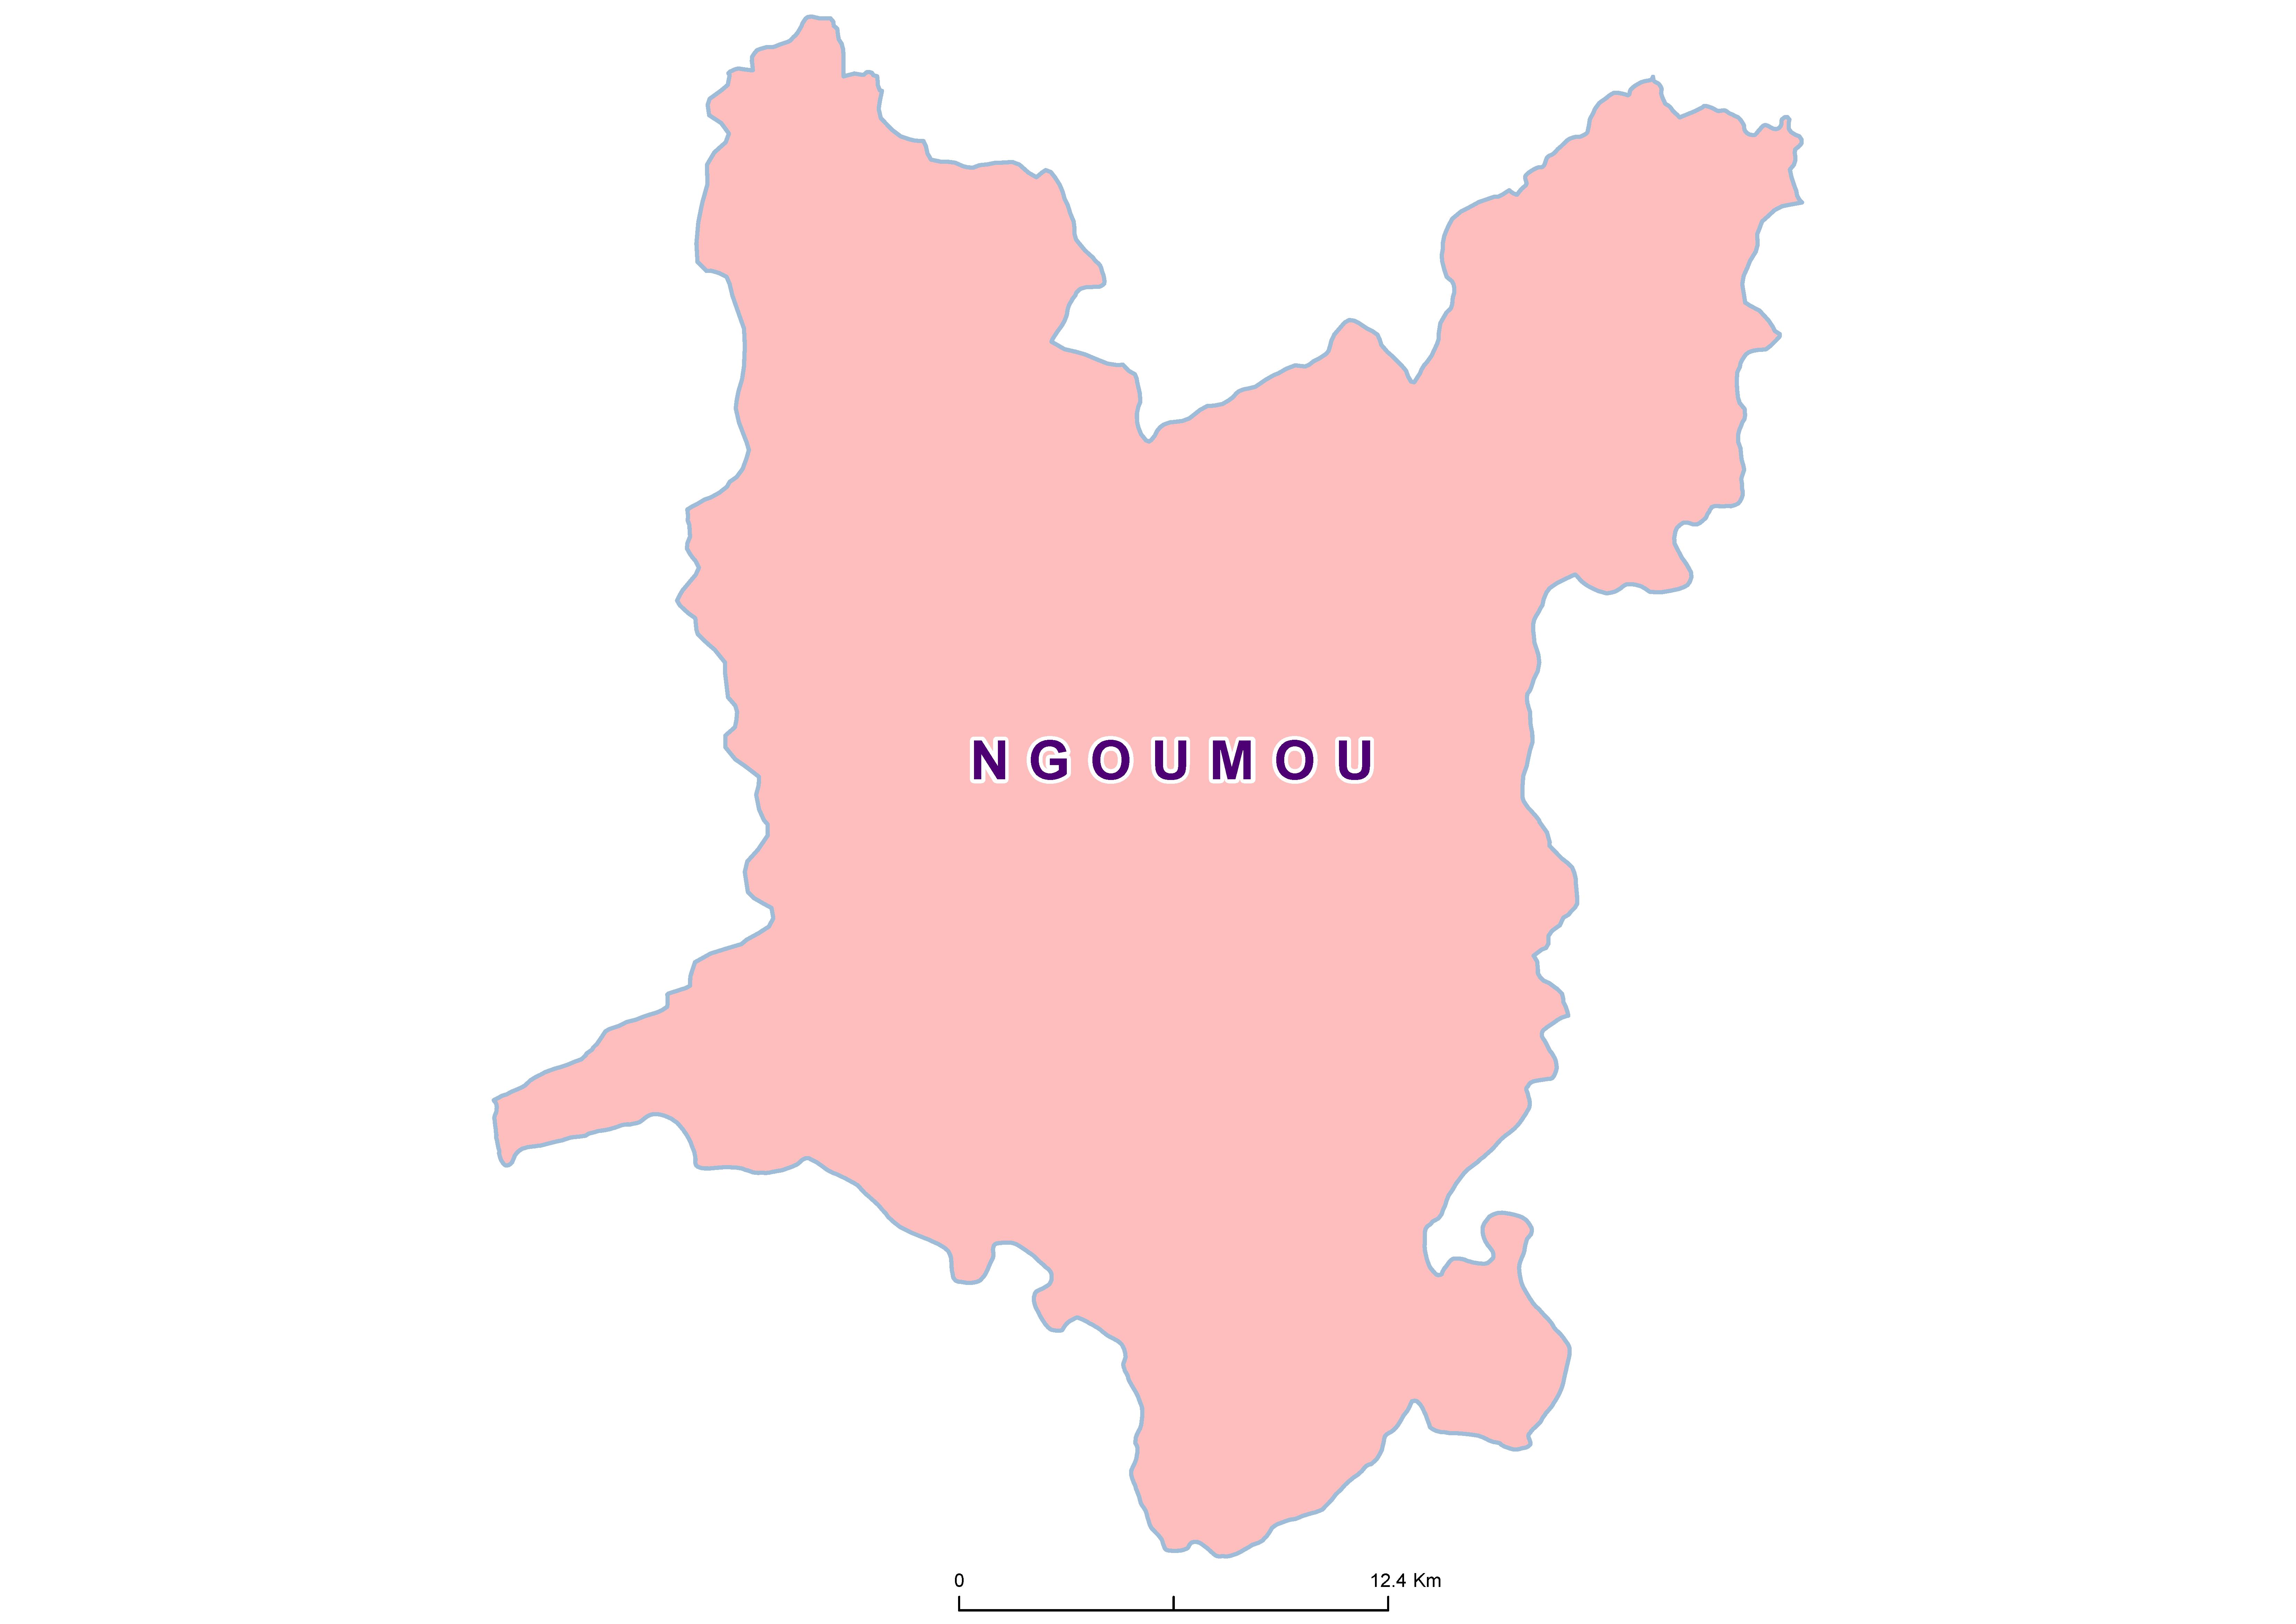 Ngoumou Mean SCH 19850001